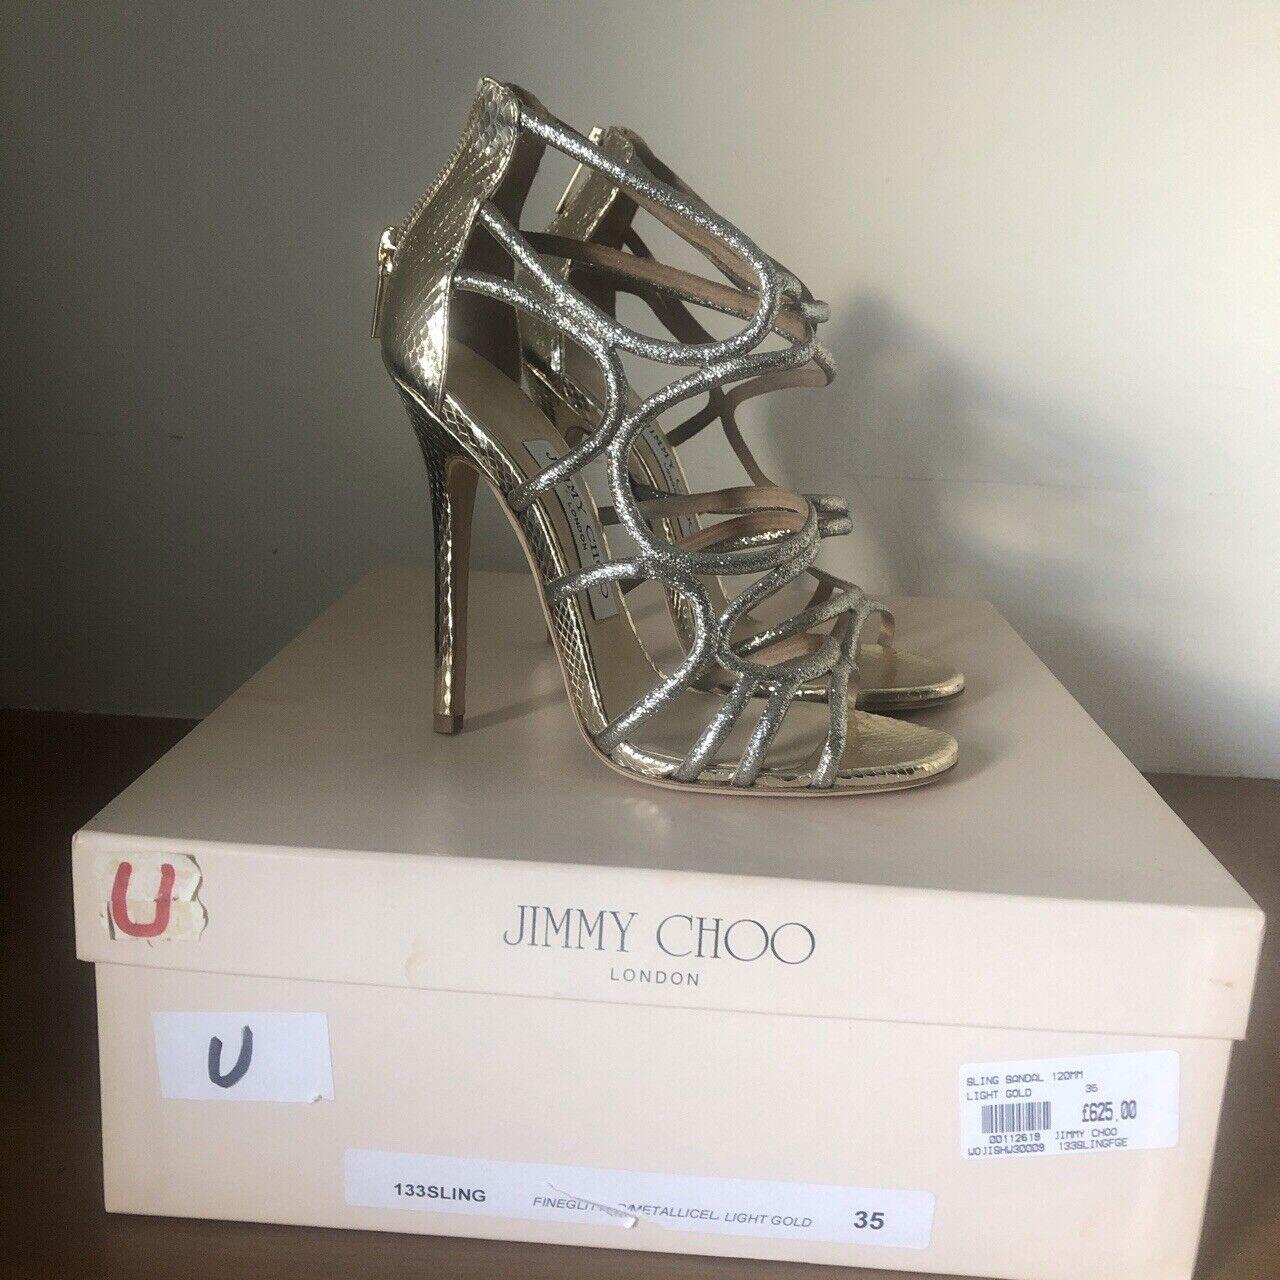 Stunning Metallic Jimmy Choo Strappy Heels oro Champagne Dimensione 35  (si adatta 36)  marchi di moda